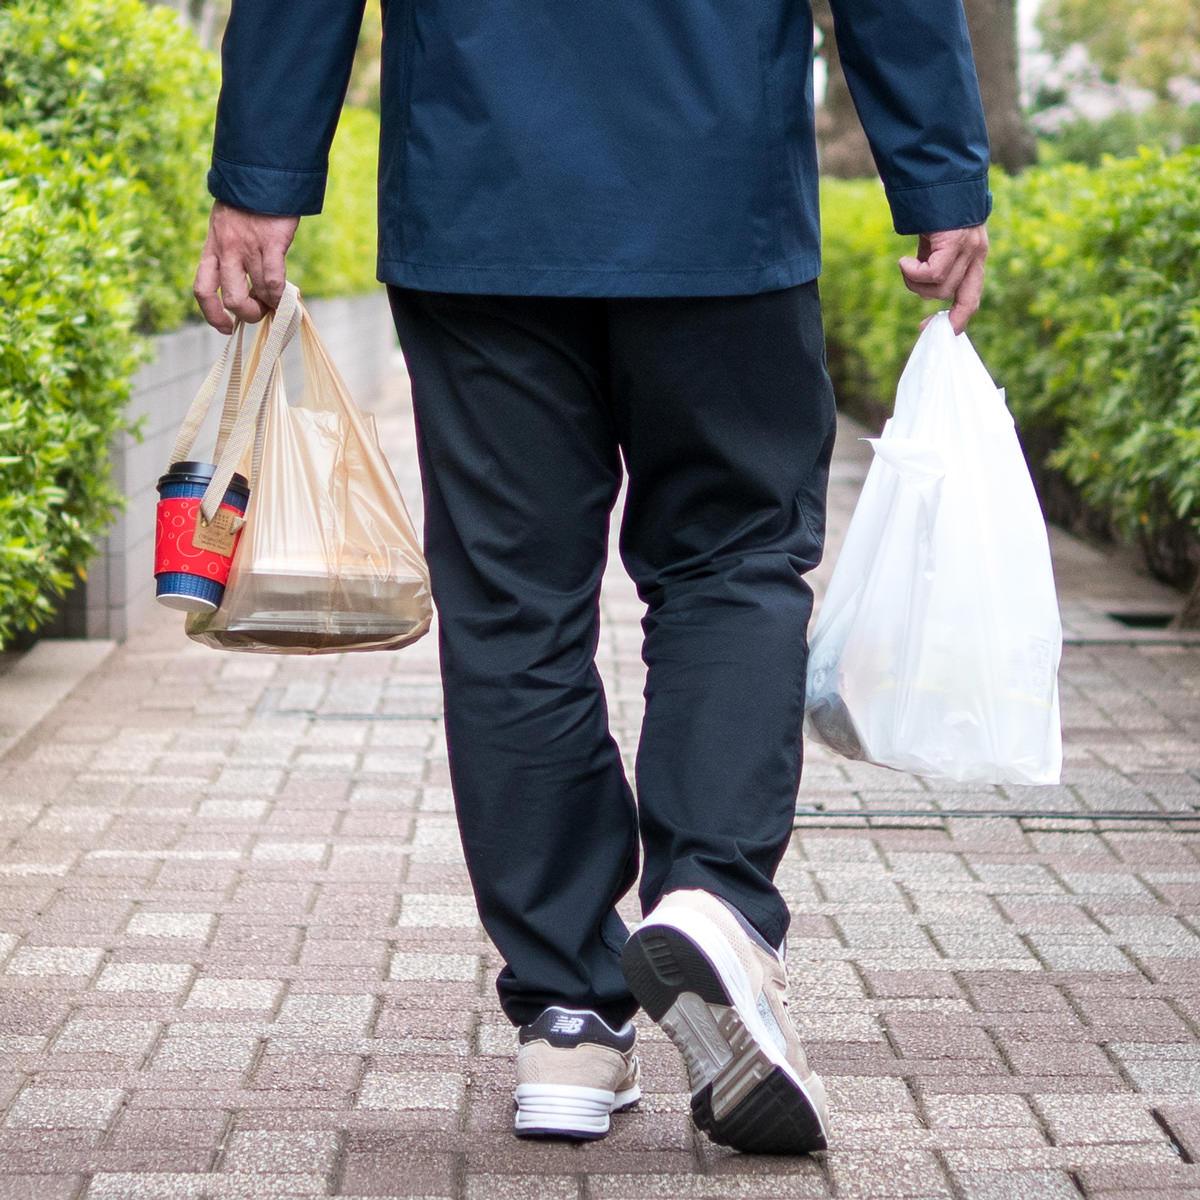 買い物袋と一緒にコーヒーが持てるテイクアウト用ドリンクバッグ